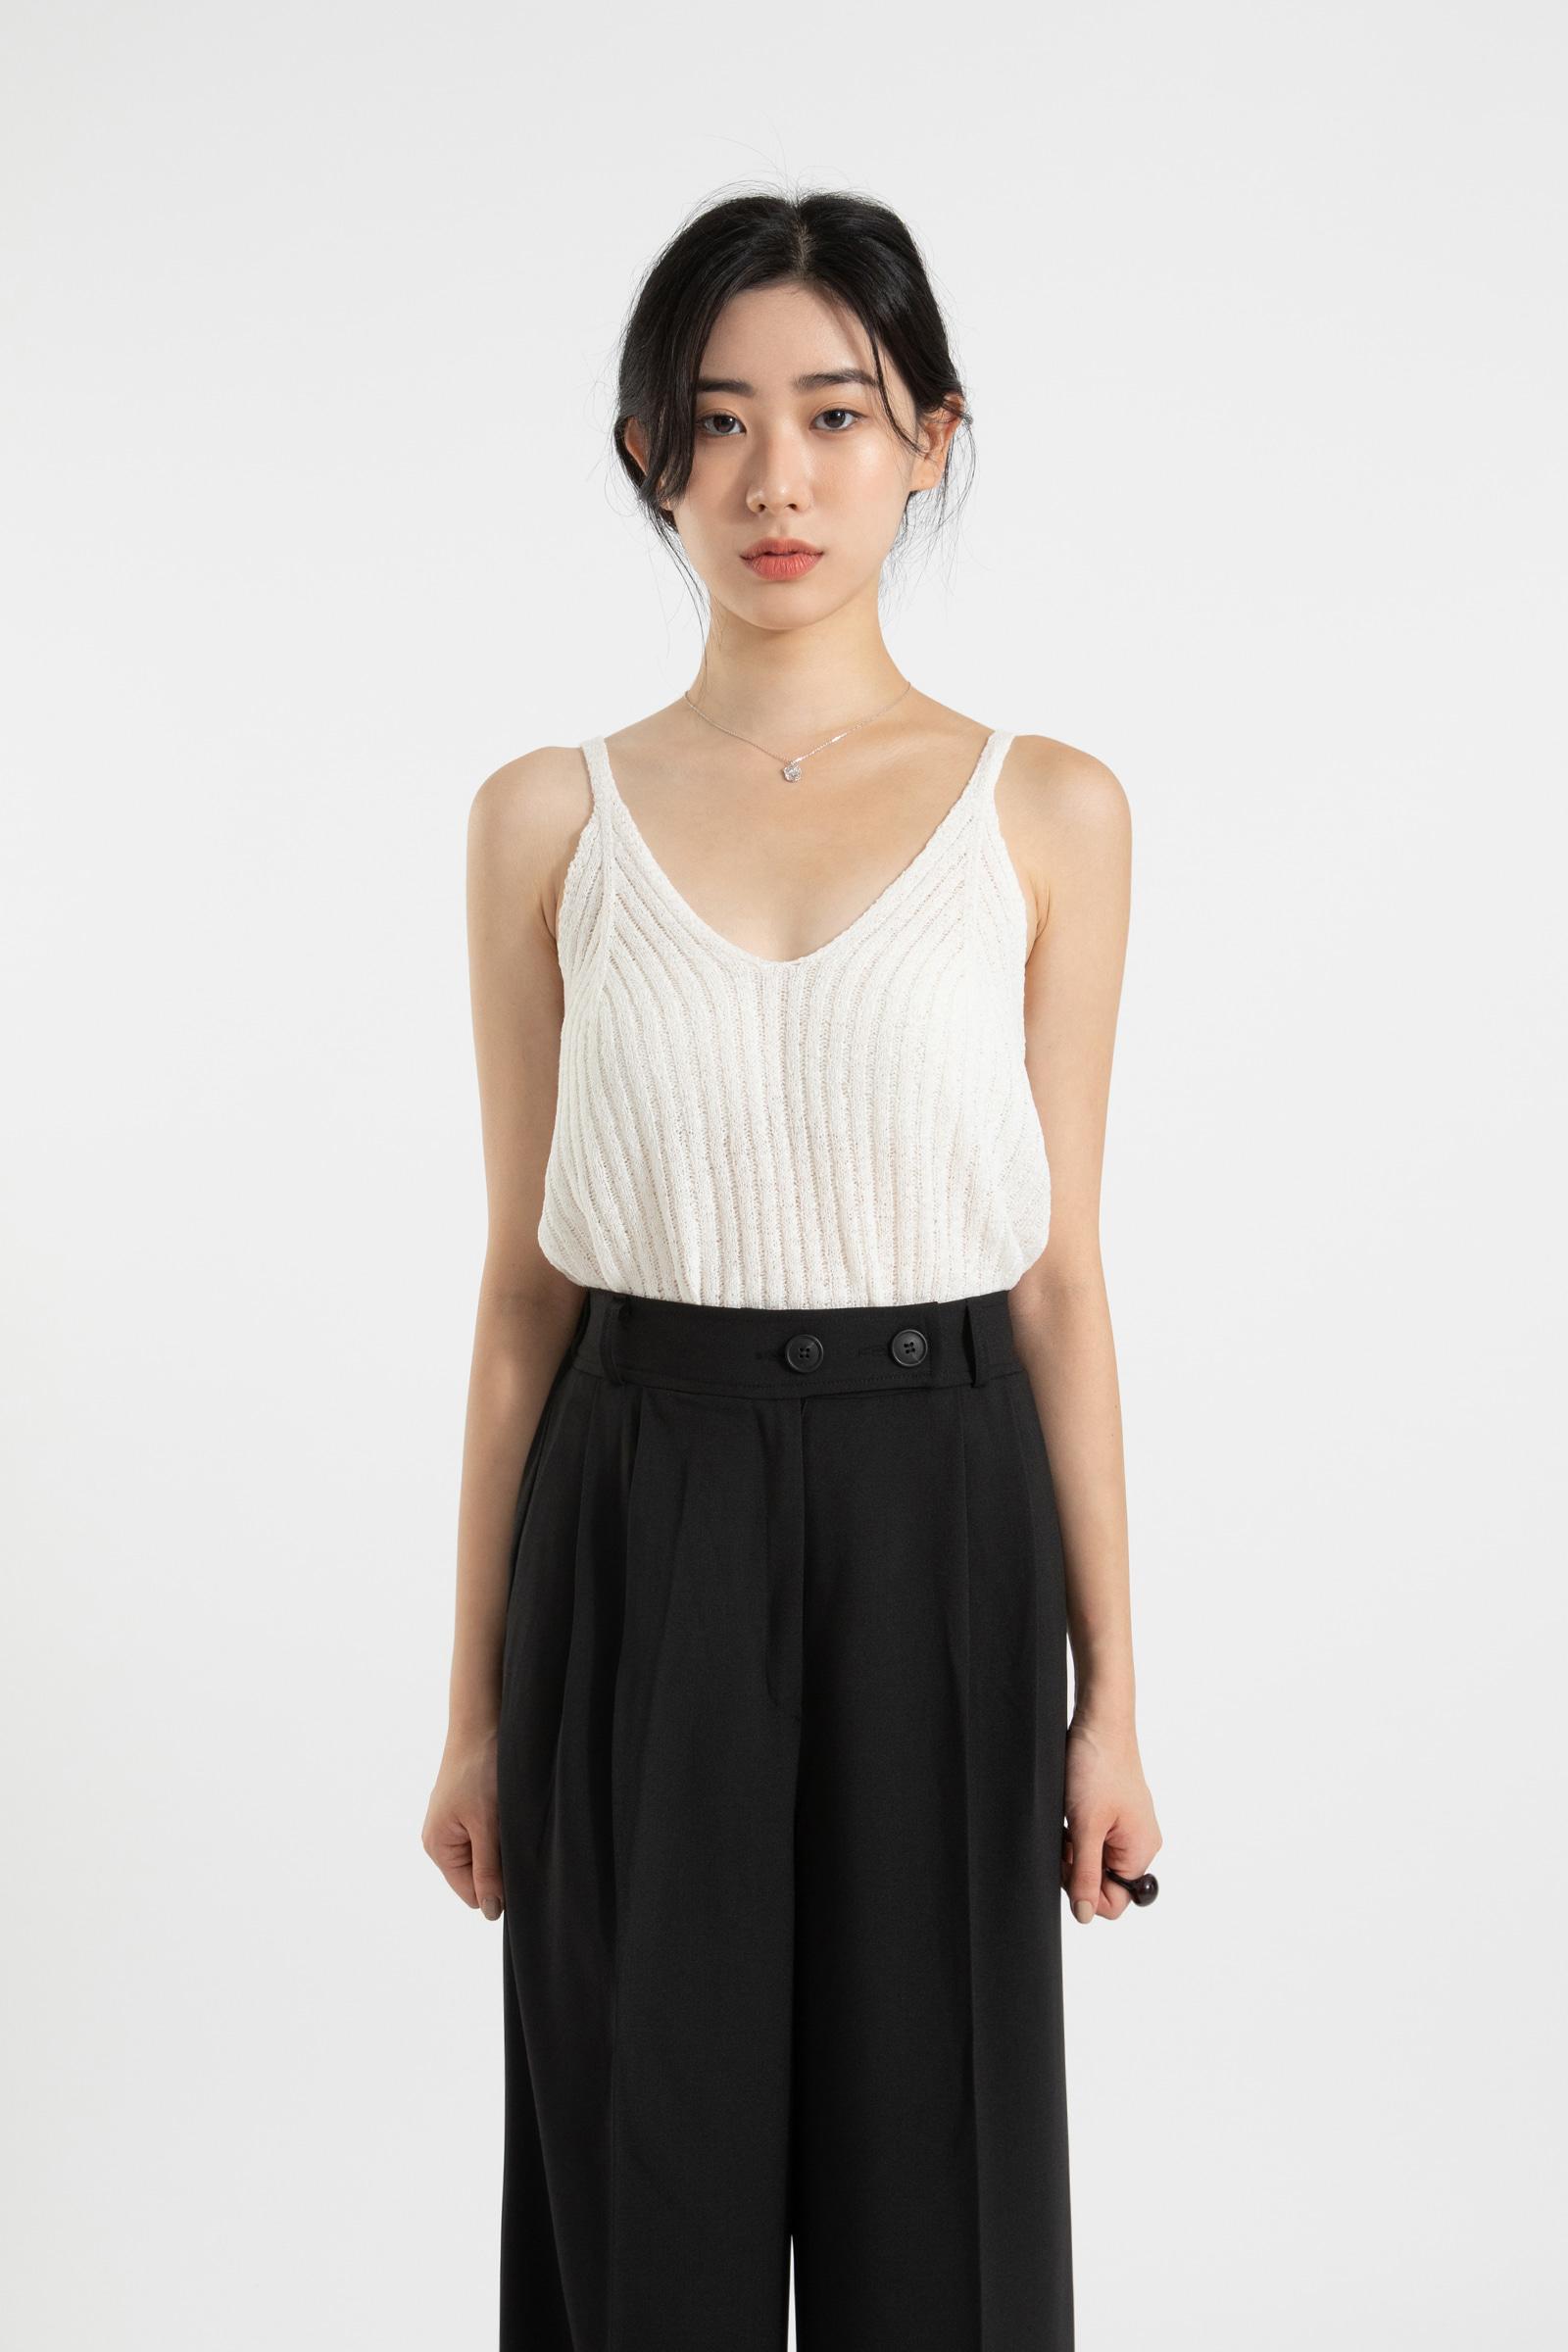 Plum V-neck sleeveless knit